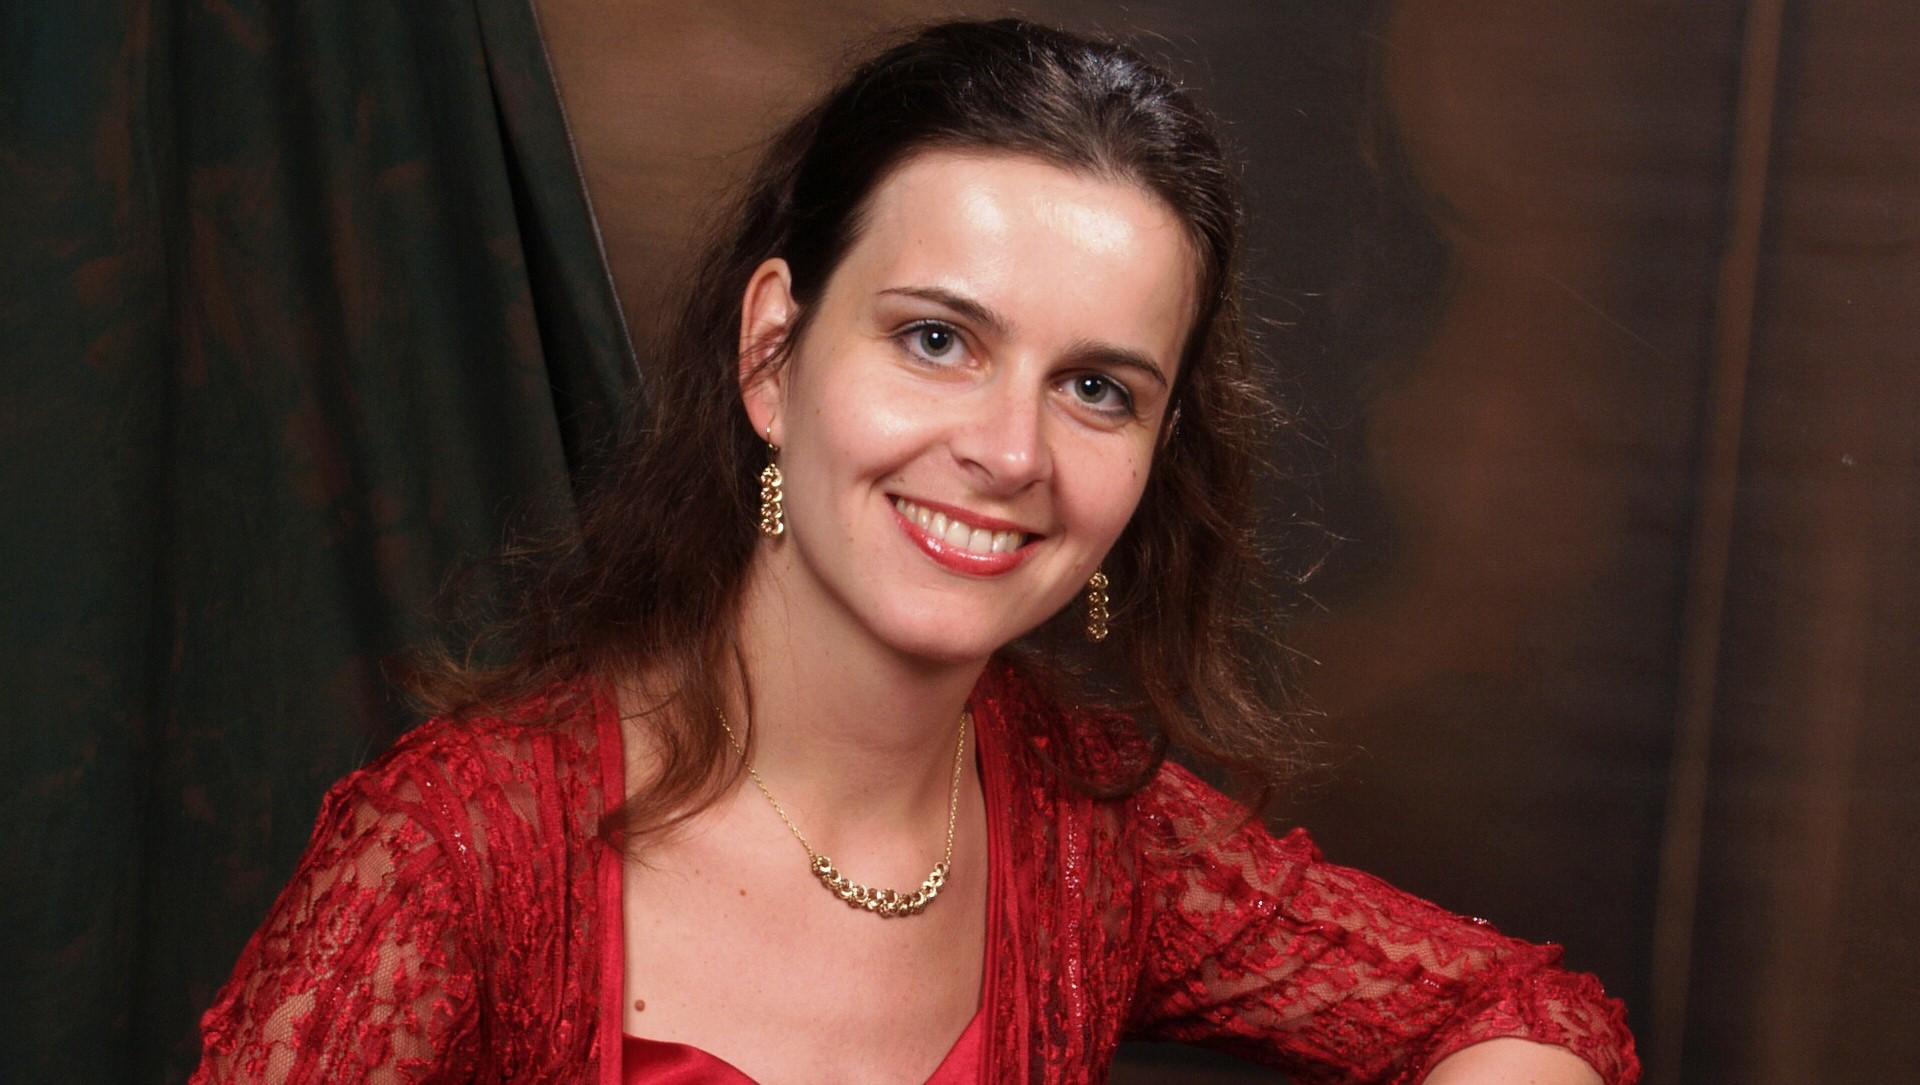 Regina Majtanova